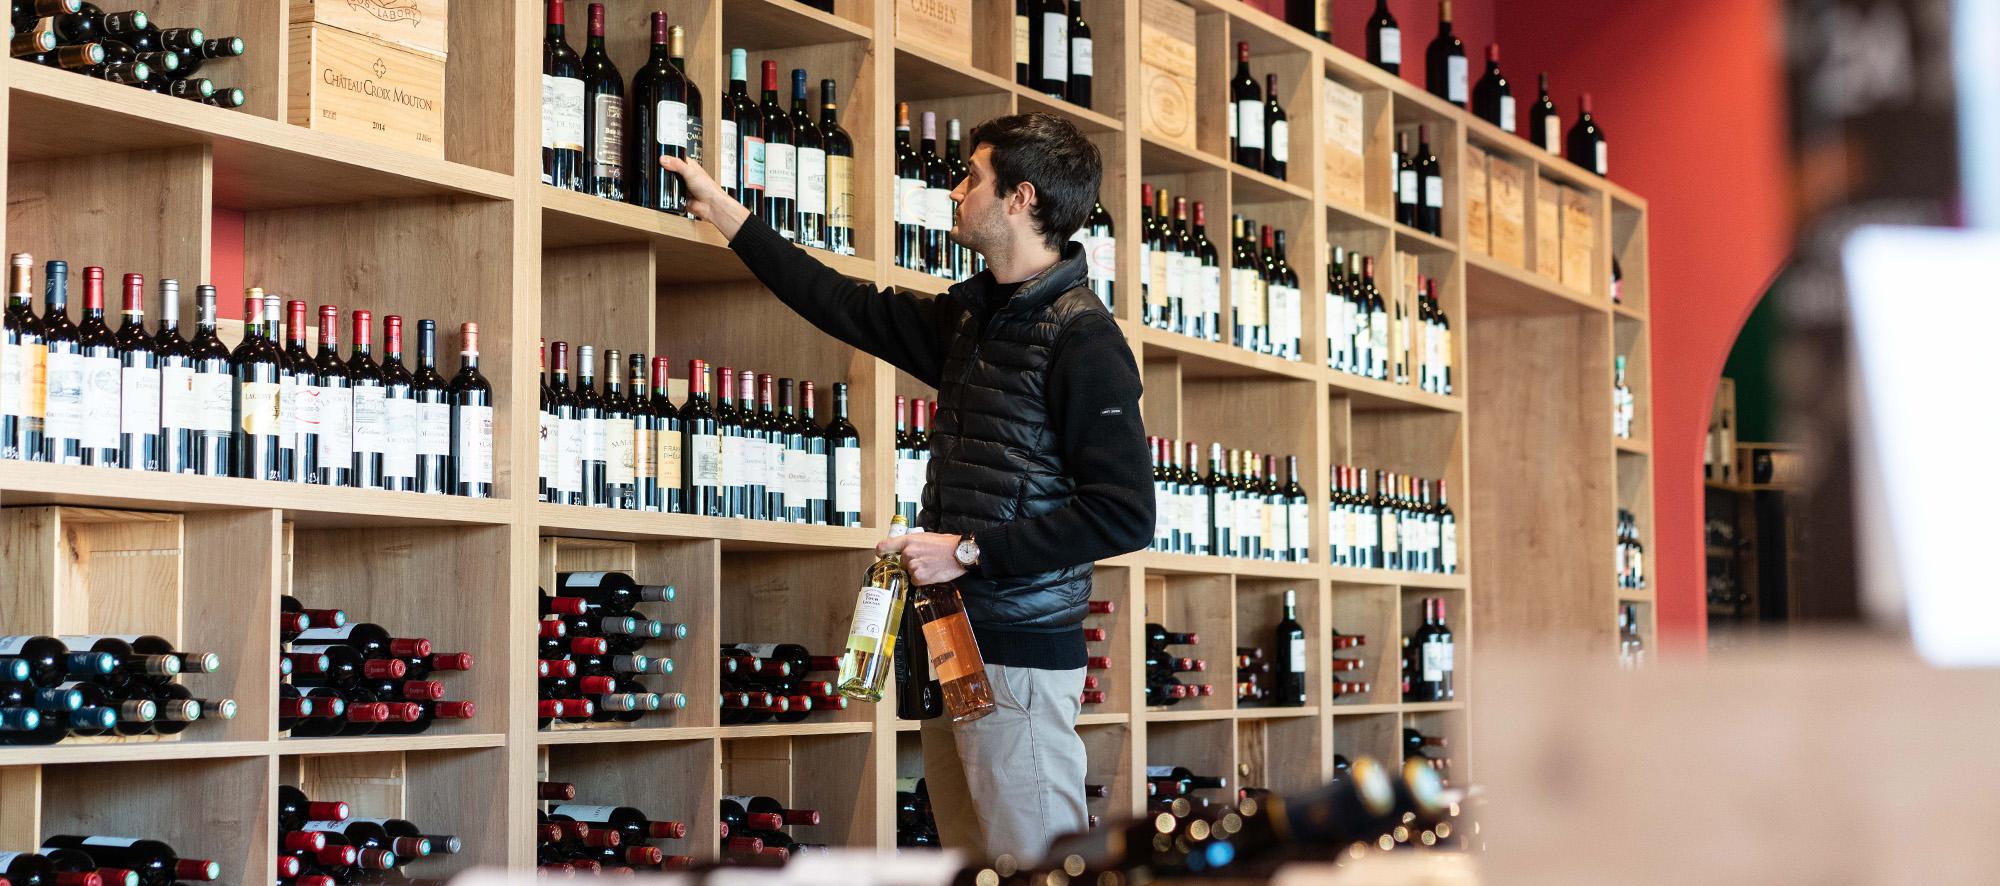 Décrypter les labels sur vos bouteilles de vin